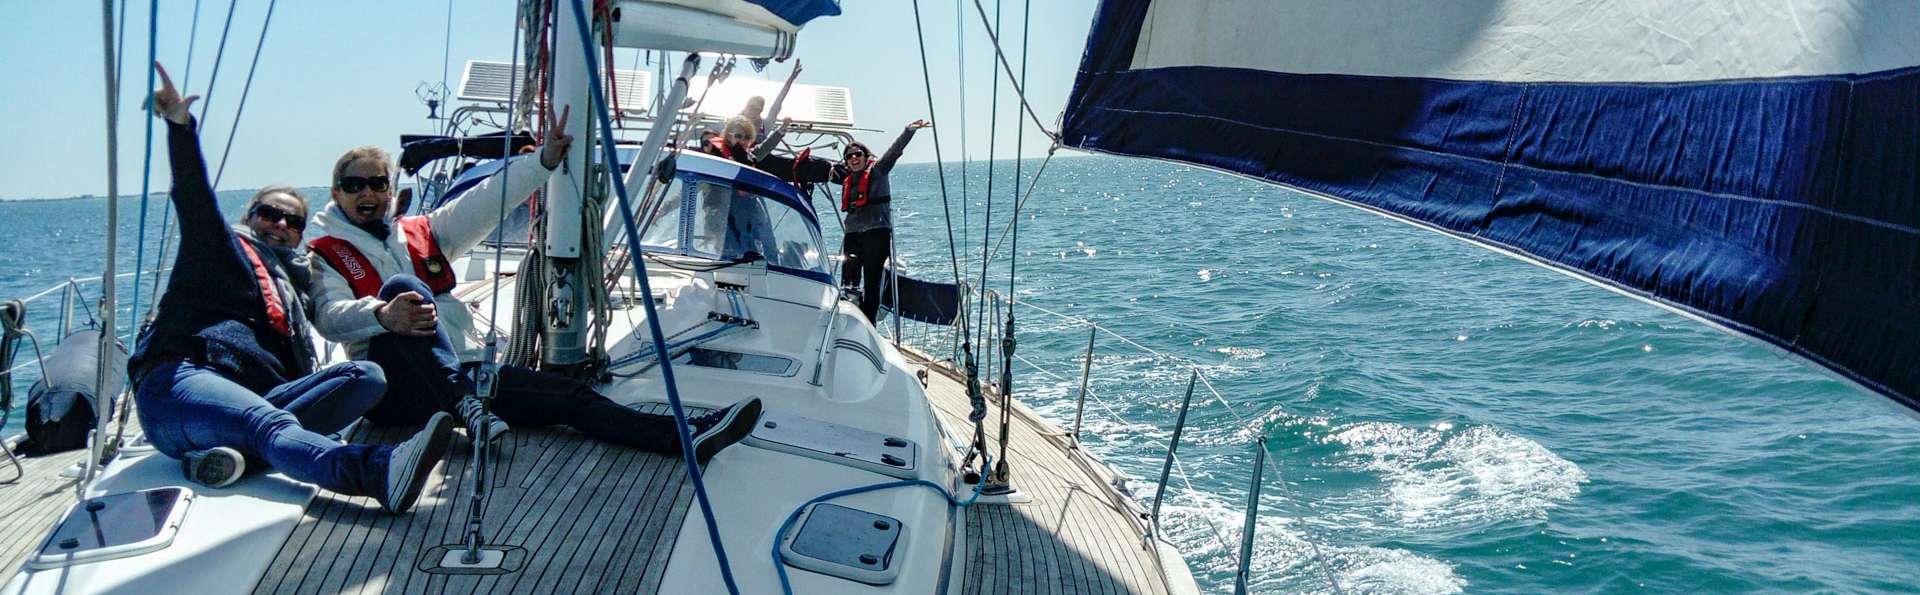 Week-end avec tour en voilier à La Rochelle